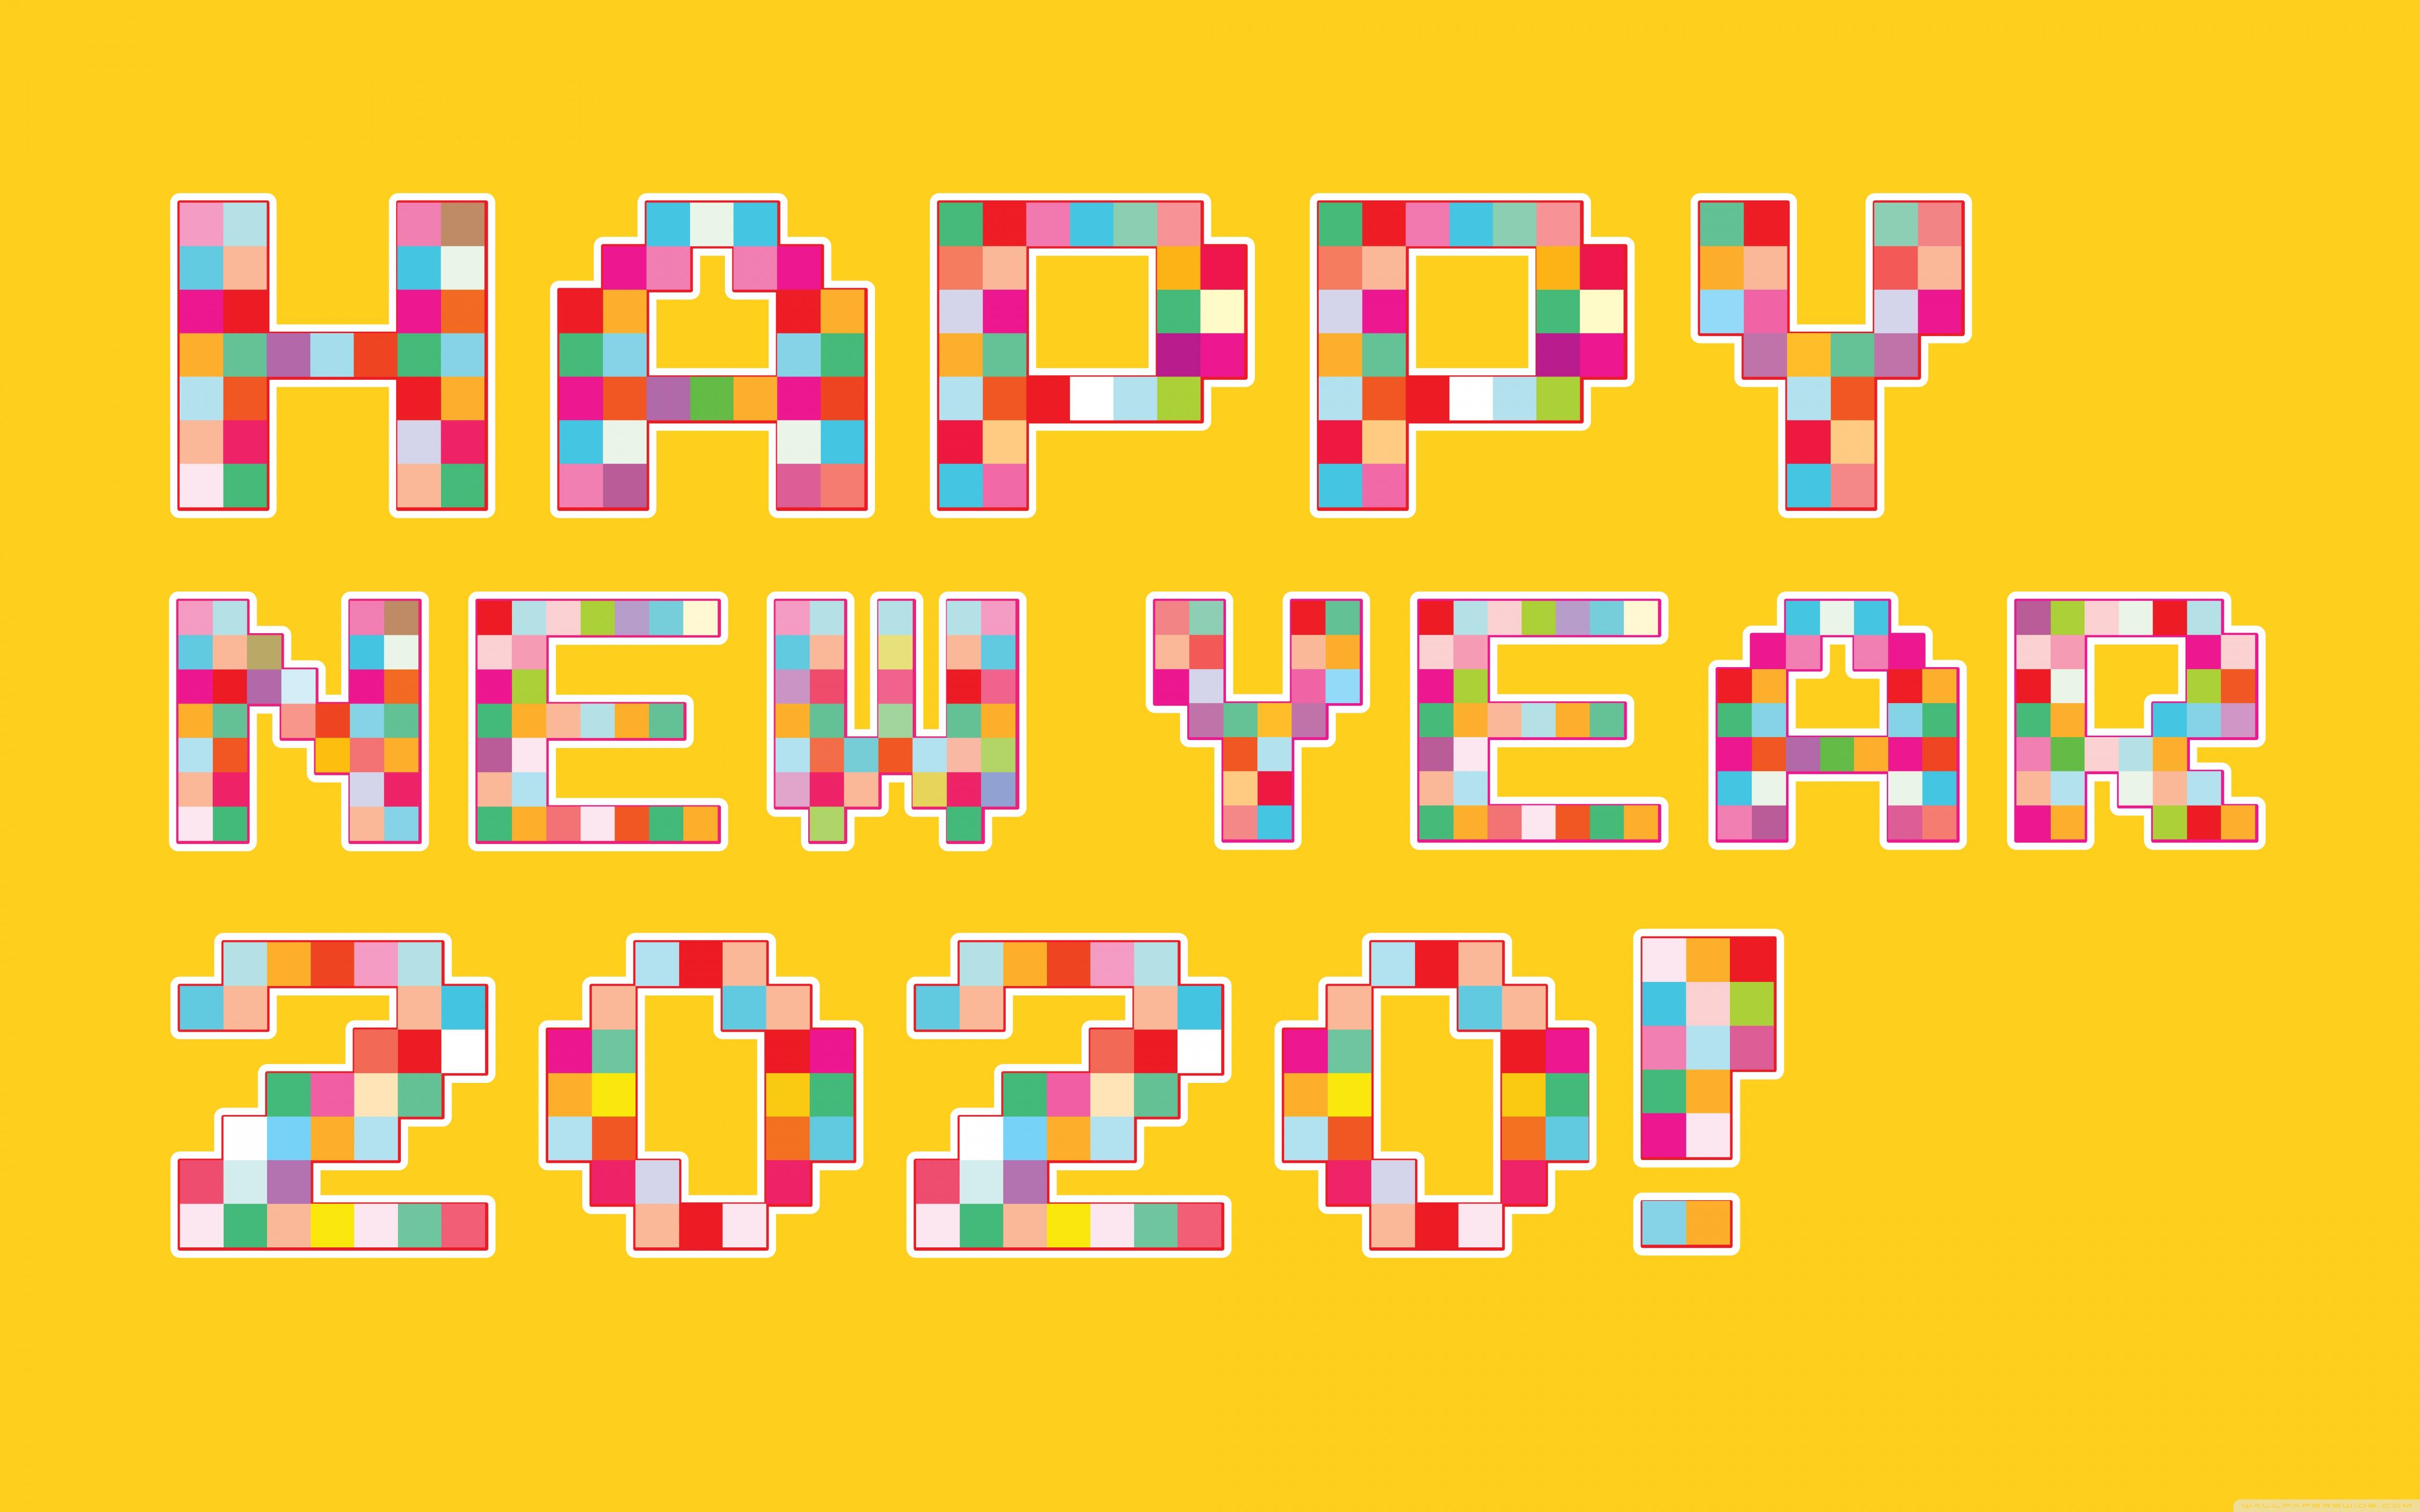 Happy New Year 2020 Pixel Art 4K HD Desktop Wallpaper for 4K 5120x3200